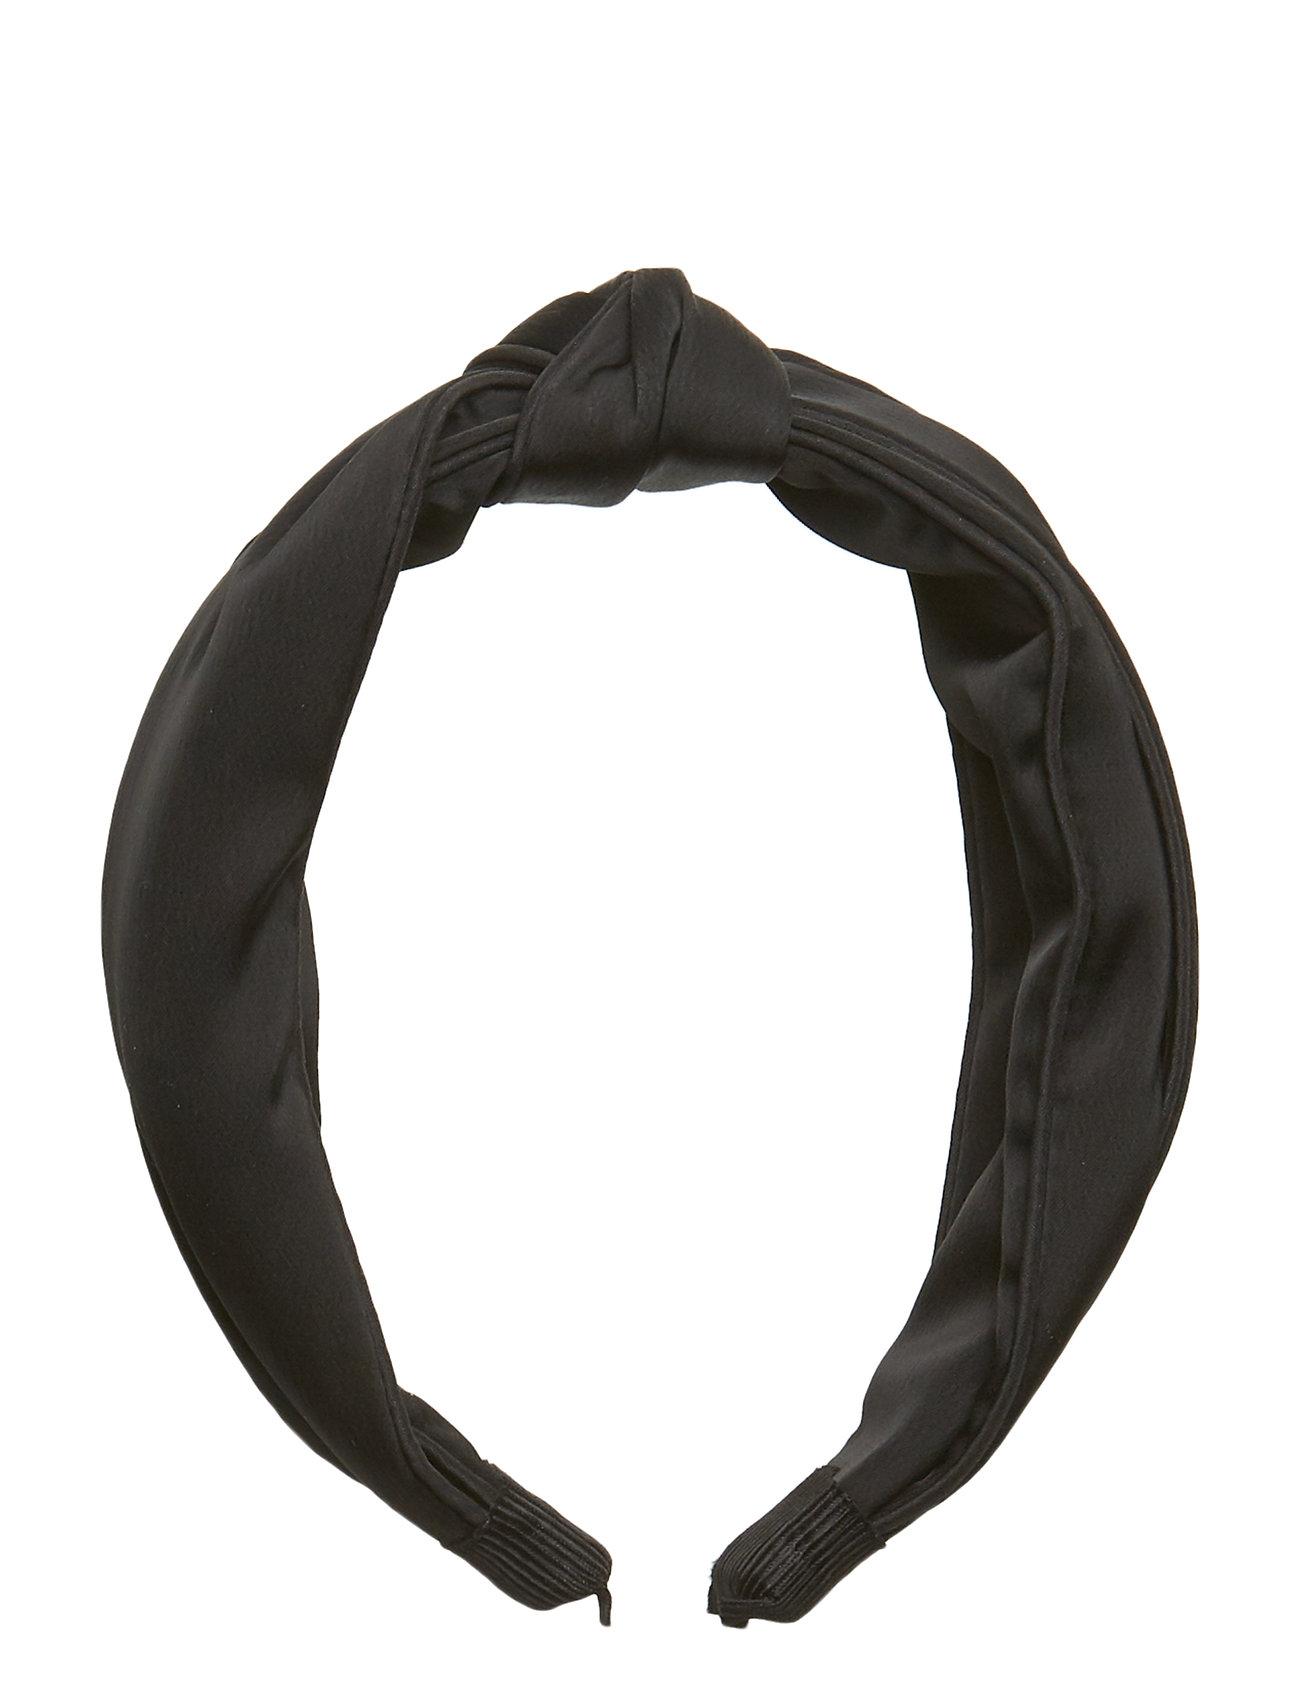 Image of Hair Band (3112279927)